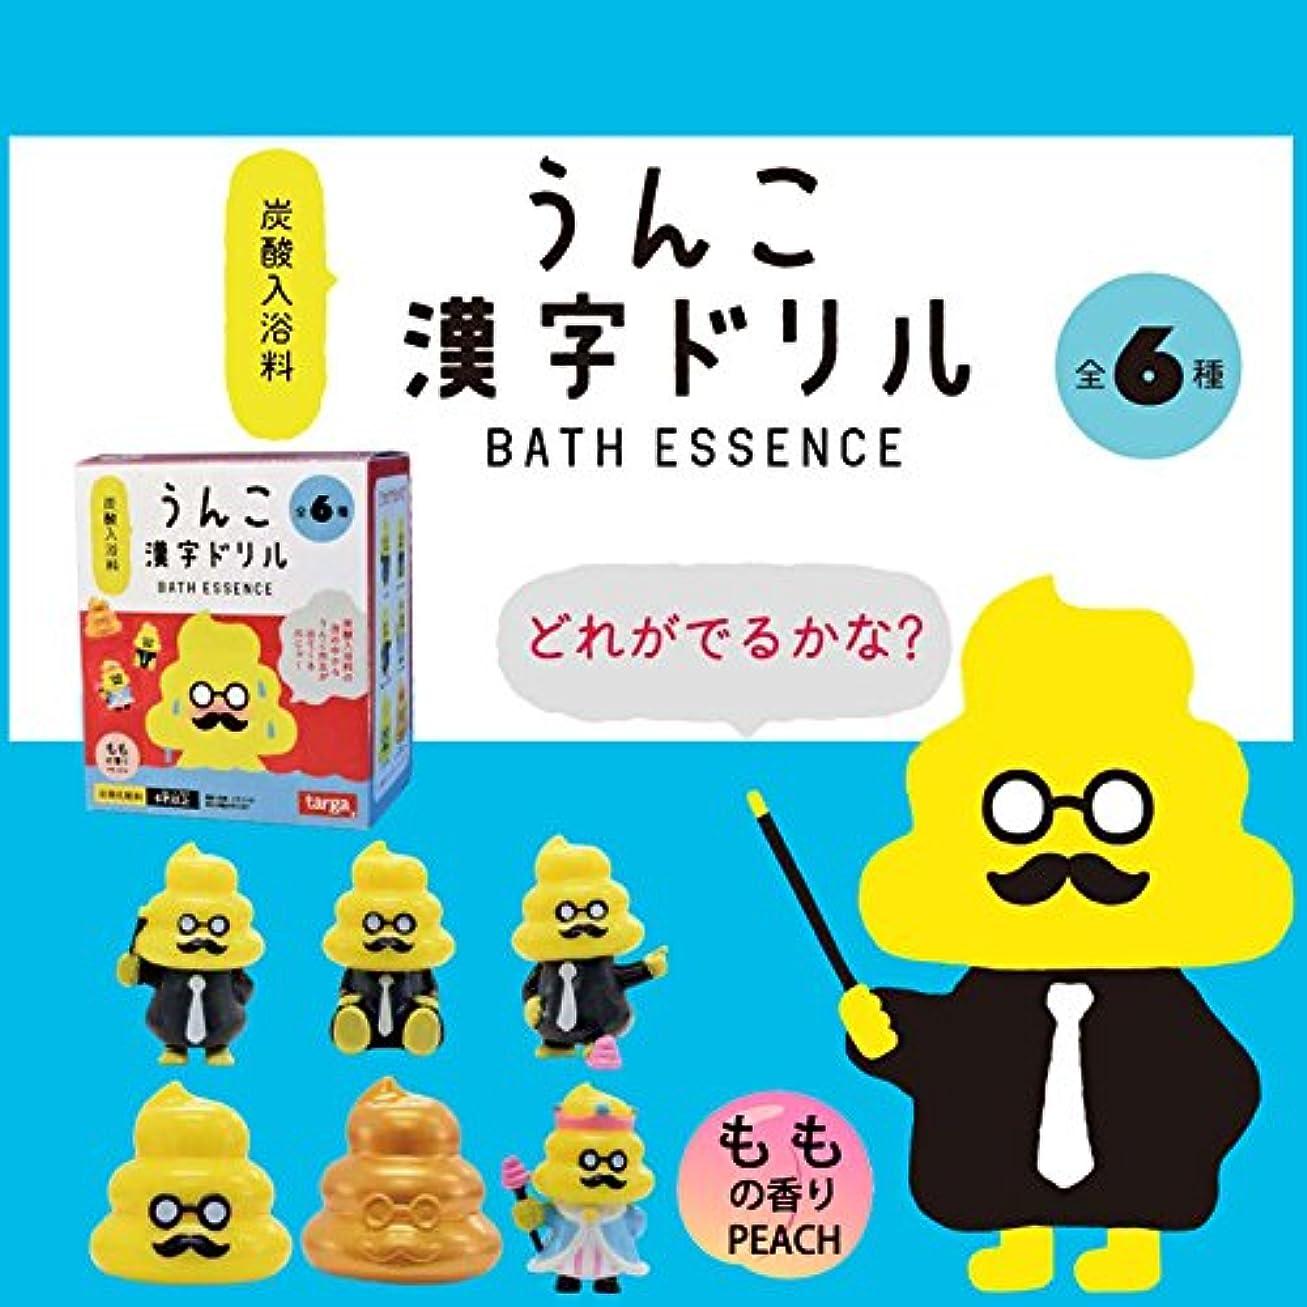 湖抑圧牧師うんこ漢字ドリル 炭酸入浴料 6個1セット 入浴剤